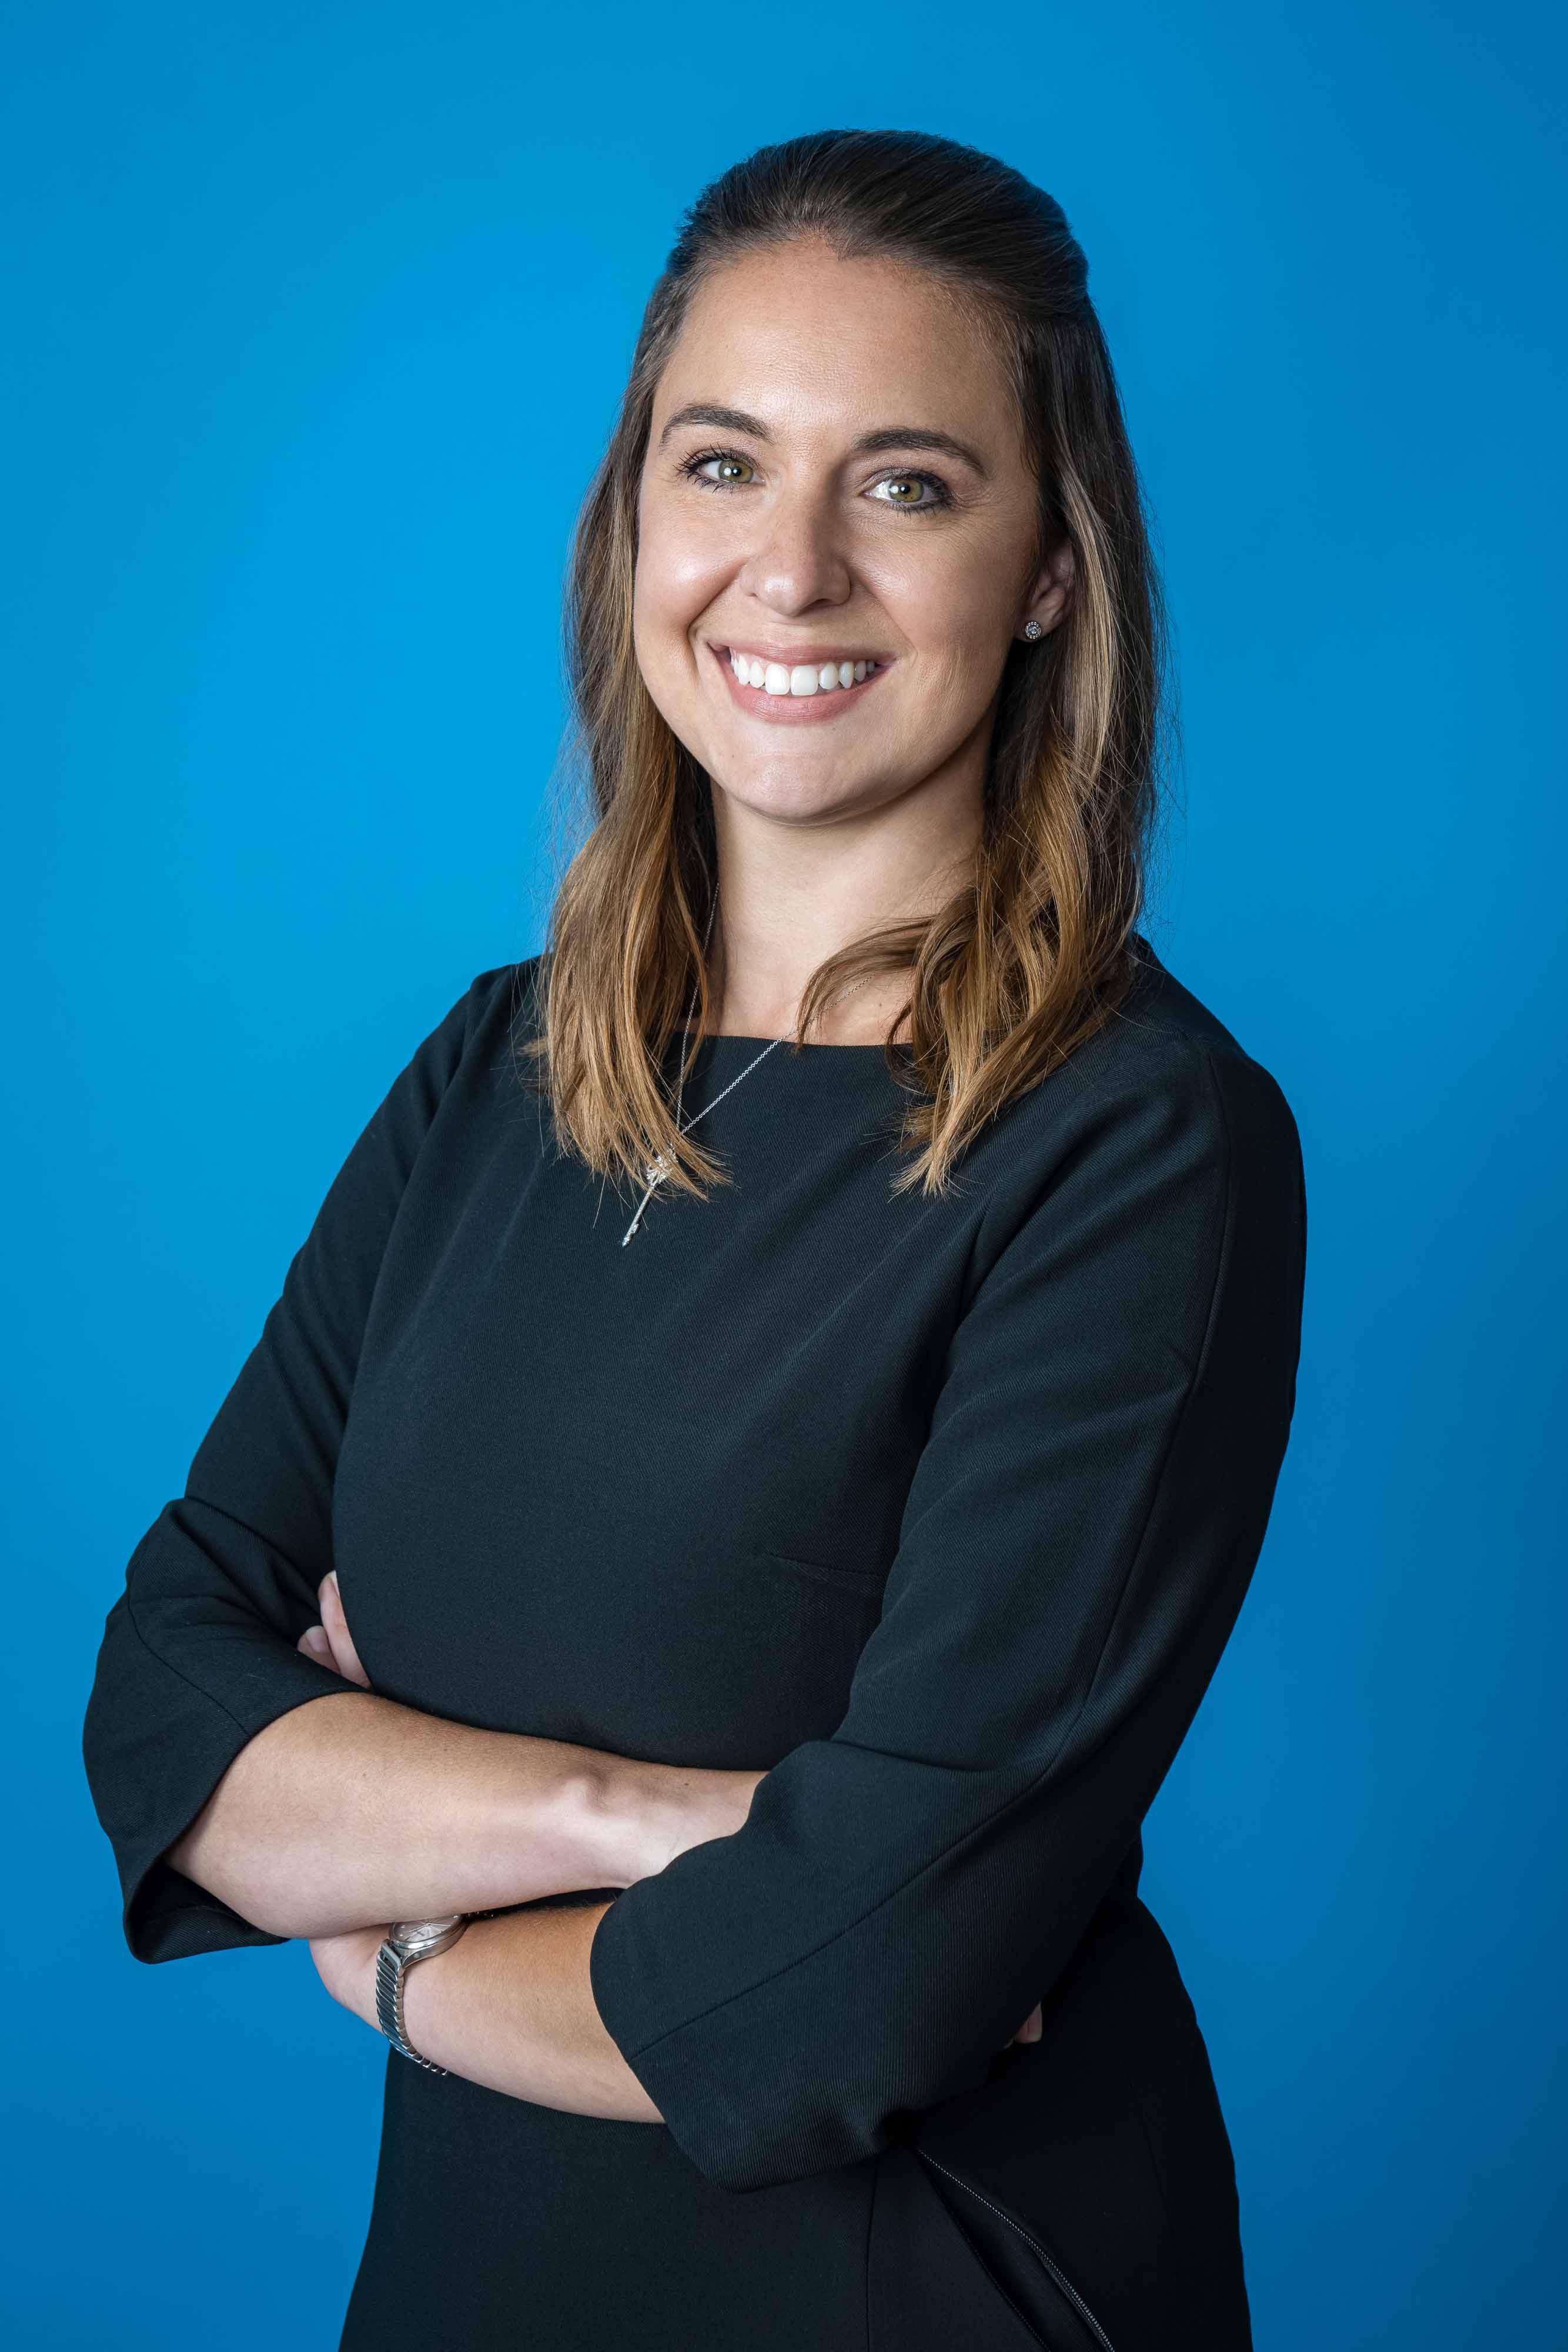 Heidi Marston